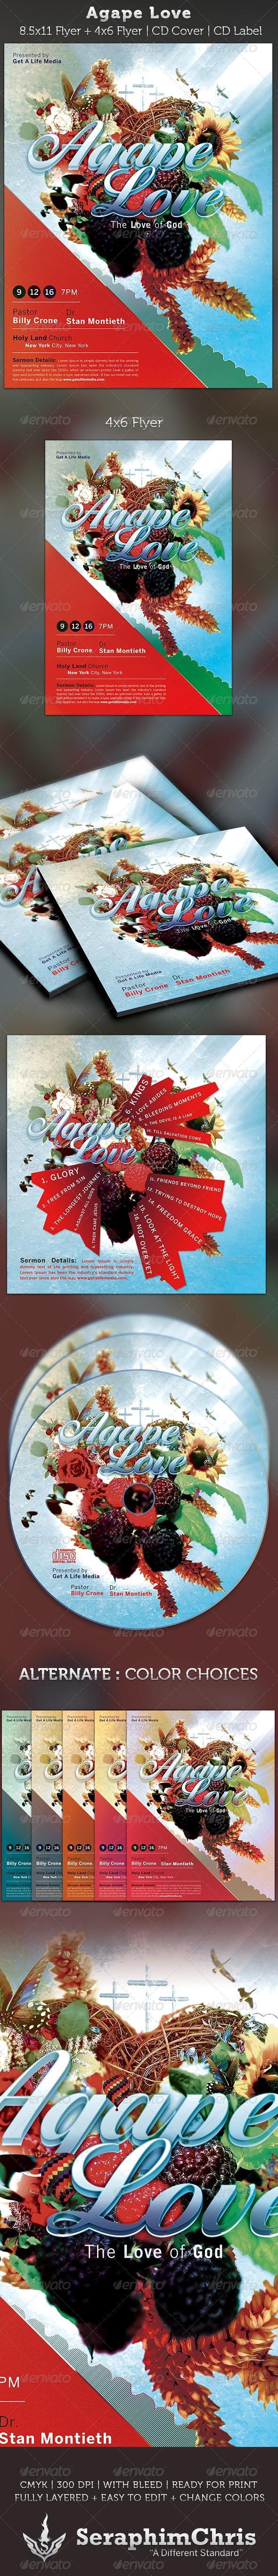 Agape Love Church Flyer and CD Art Template - Church Flyers